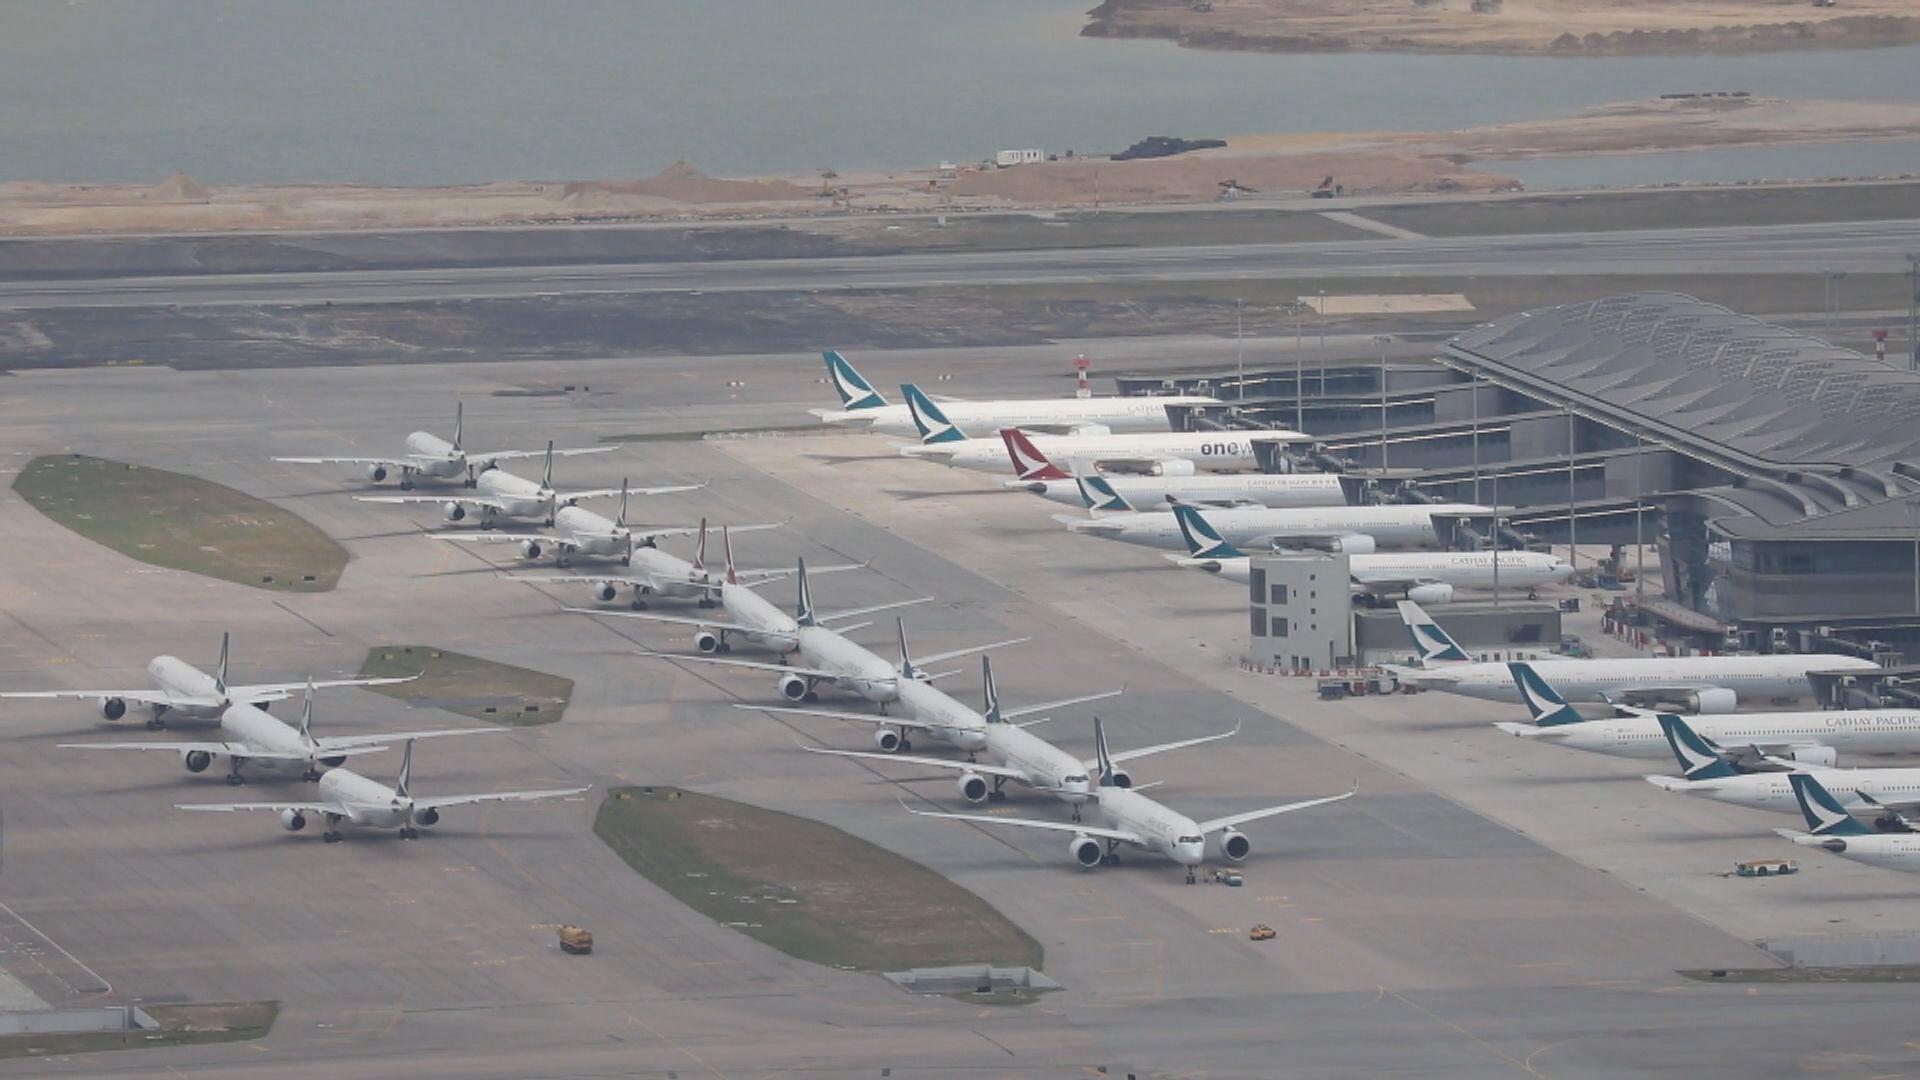 【復甦有期?!】國泰6月底增航班 載客運力升至5%